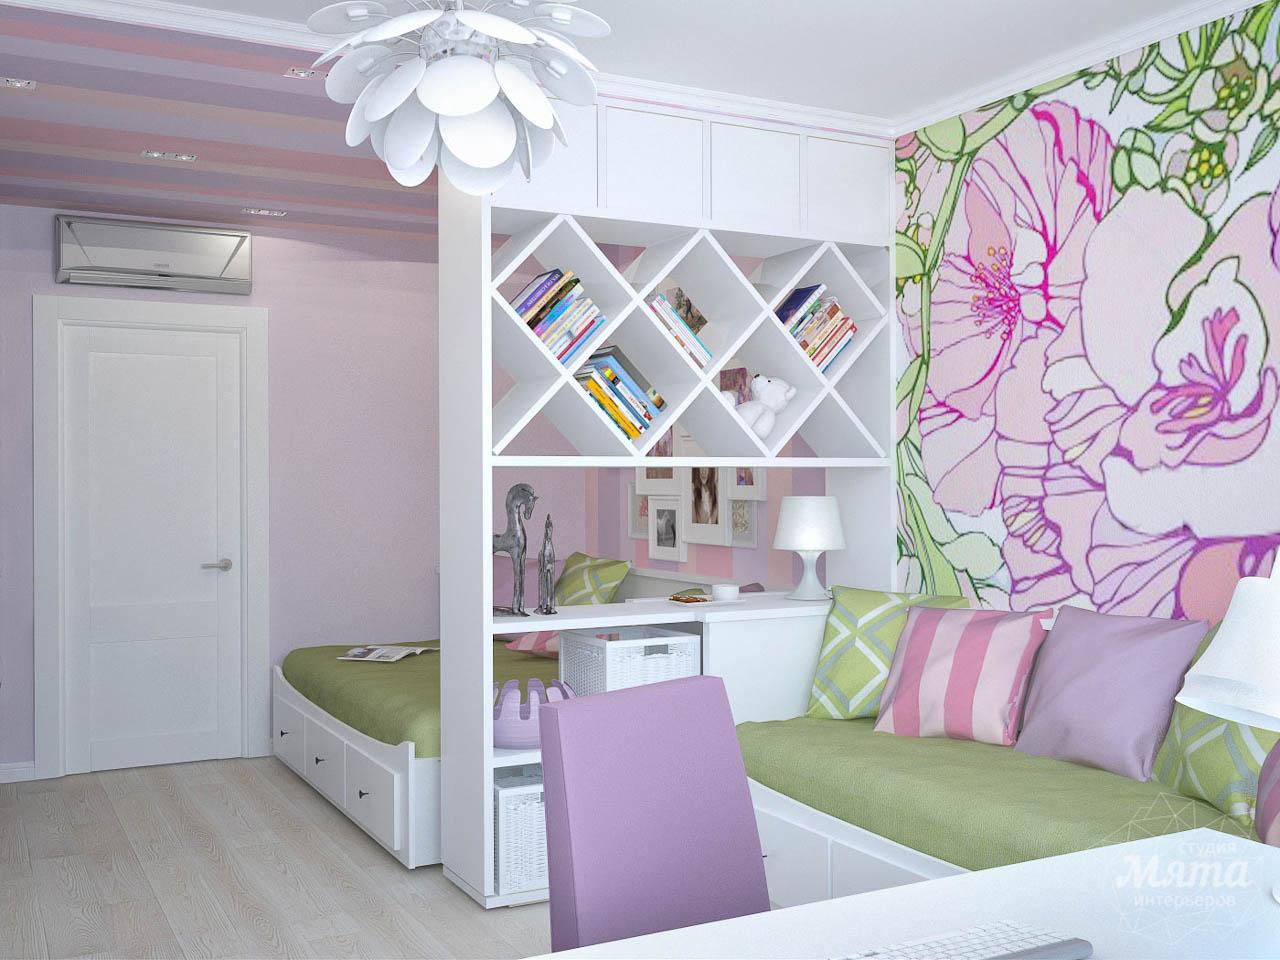 Дизайн интерьера и ремонт трехкомнатной квартиры по ул. Фучика 9 img1813991004